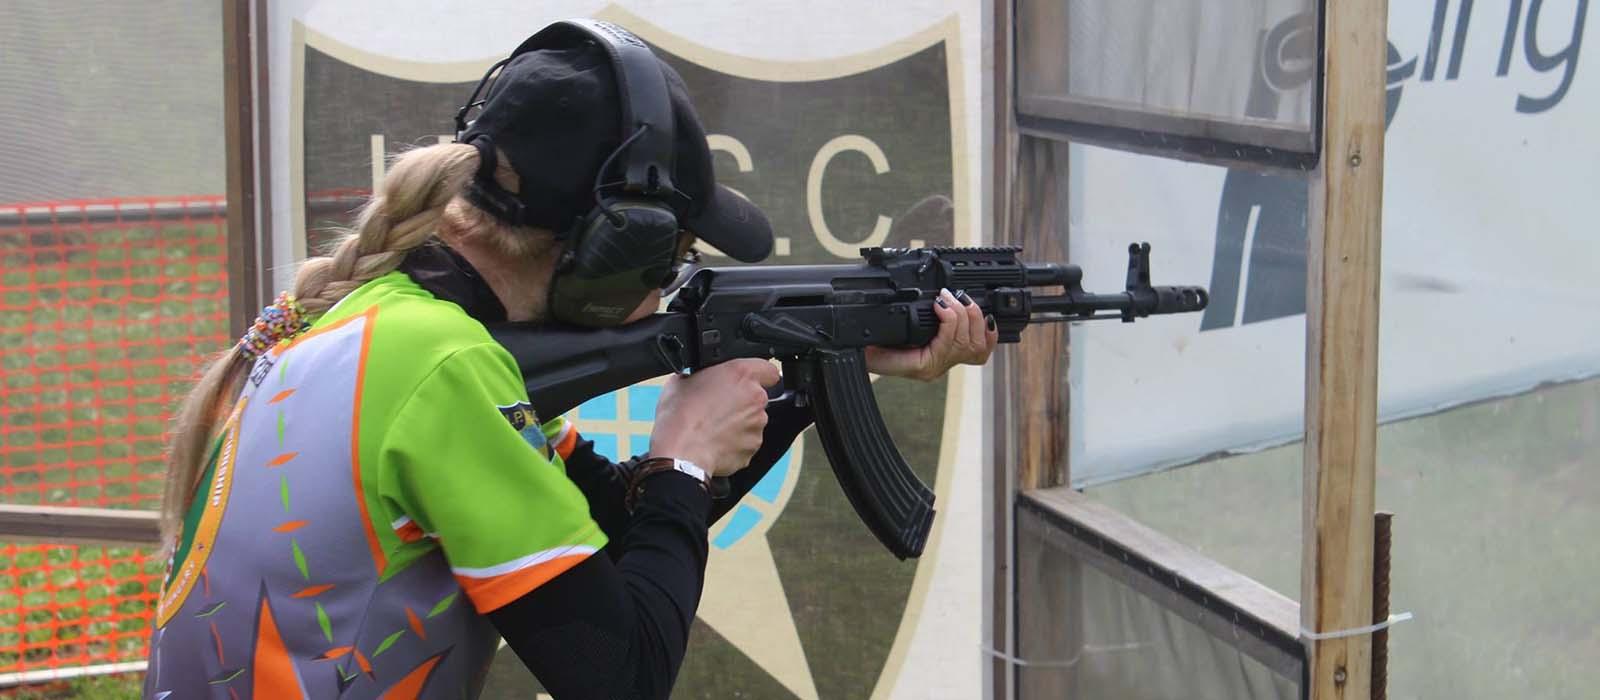 IPSC Moldova - курсы по практической стрельбе